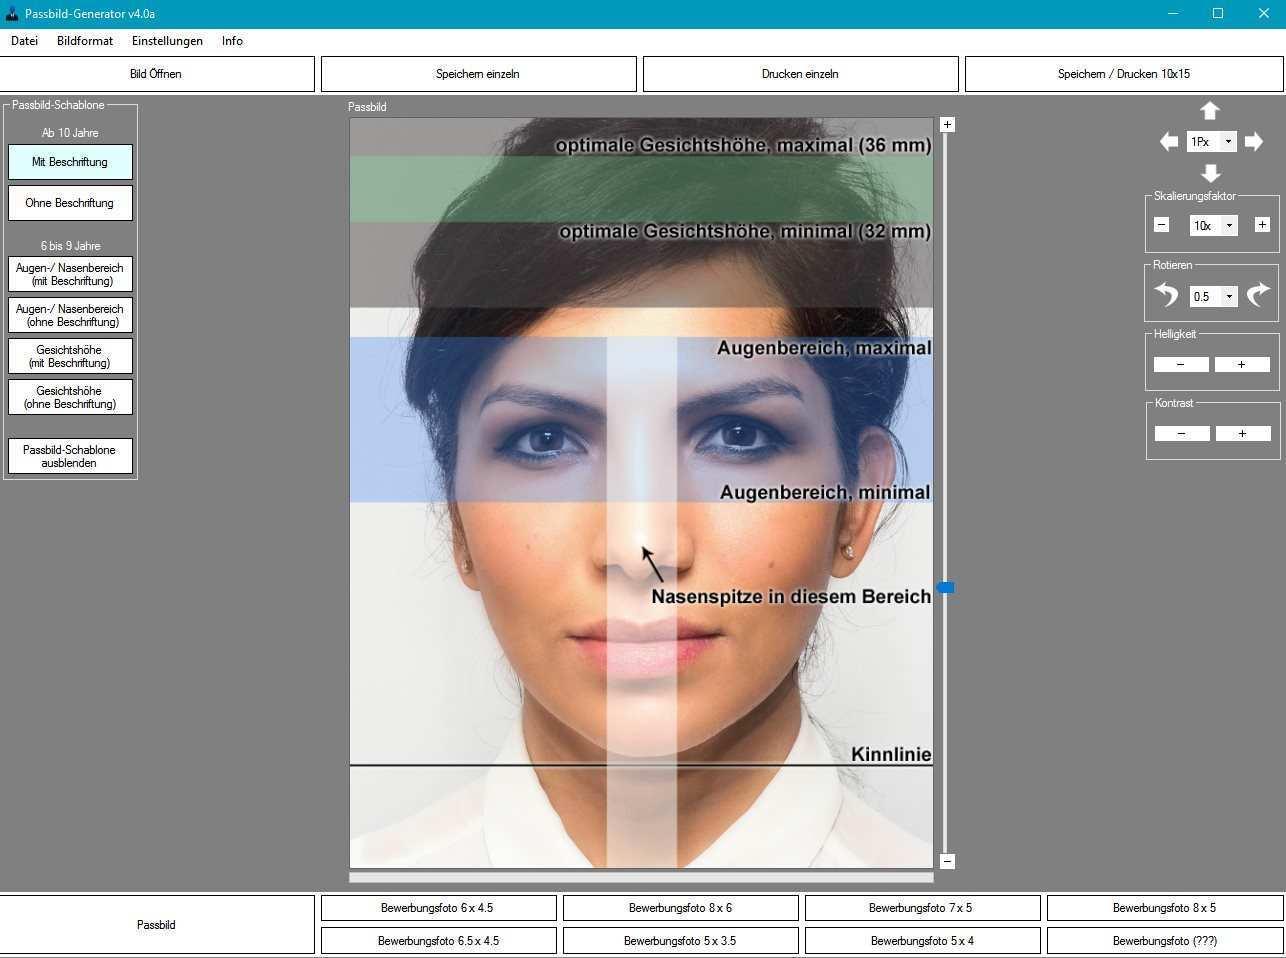 Biometrisches Passbild Selber Machen Billig Bei Rossman Dm Drucken